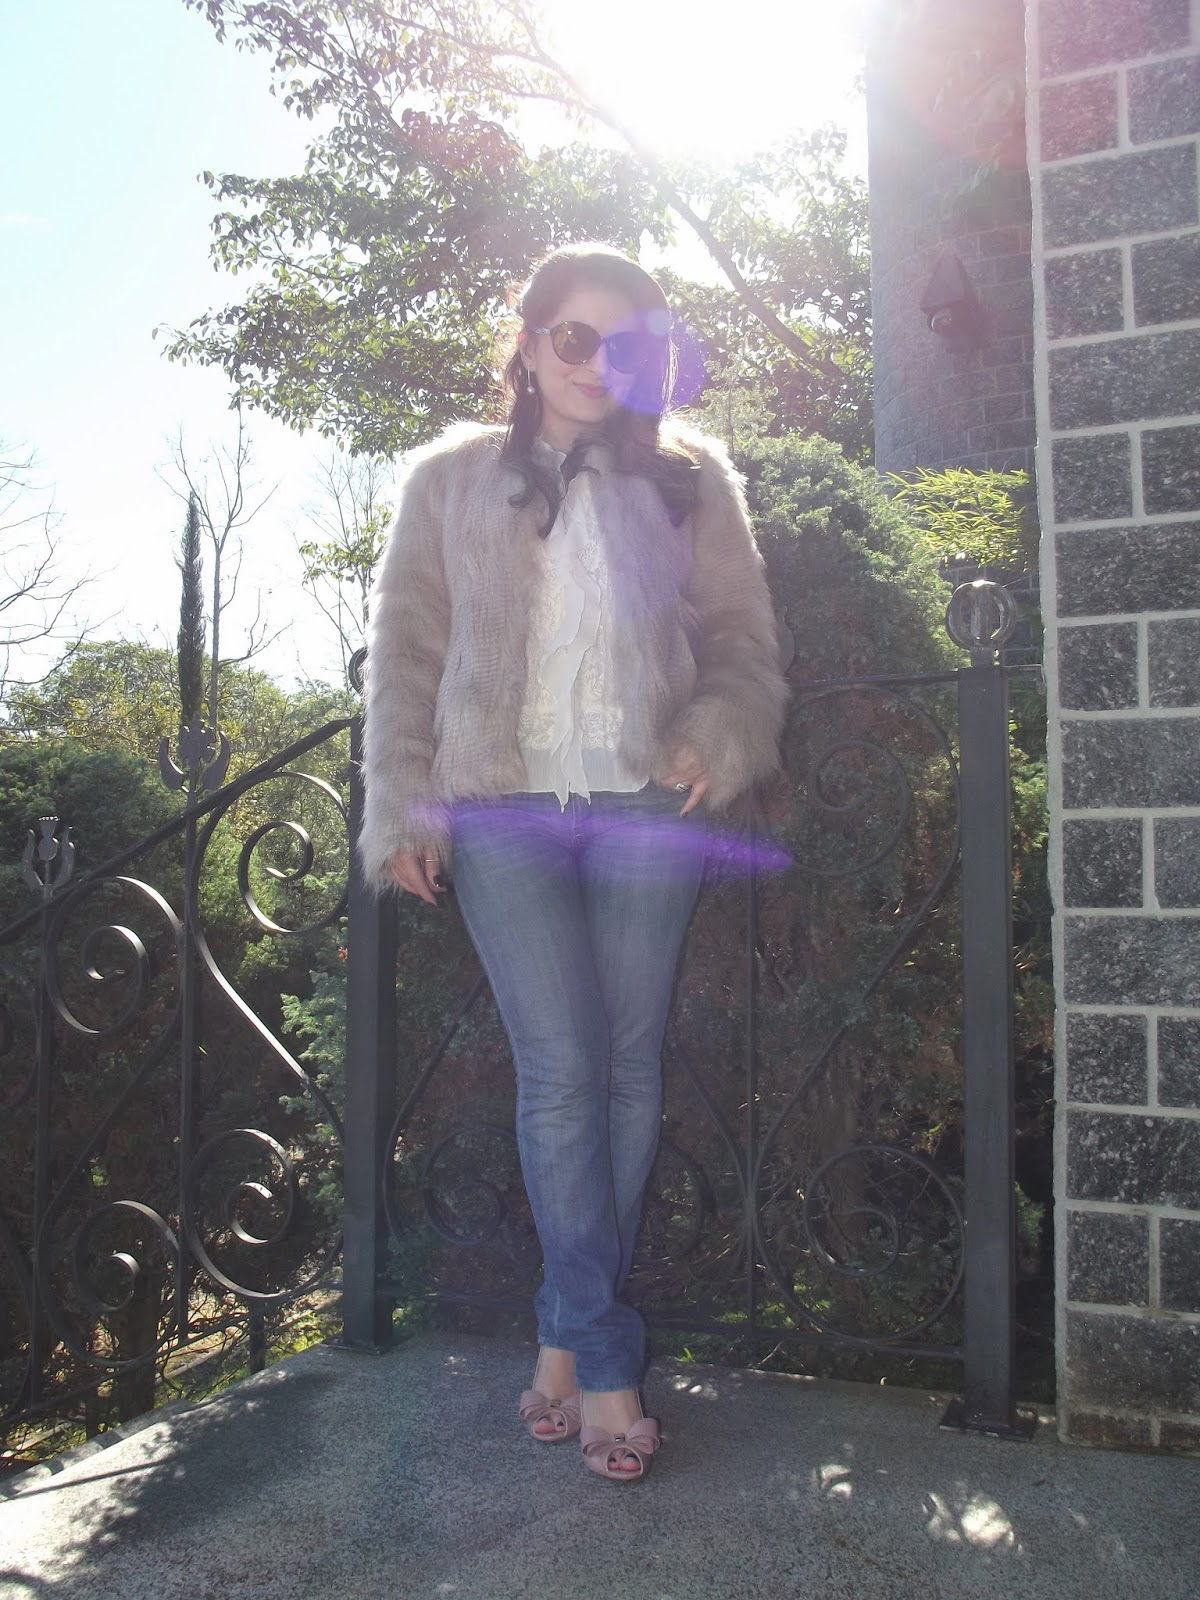 Achei que a escolha do jeans e os tons claros da camisa e da sandália 07e77b3ab8614